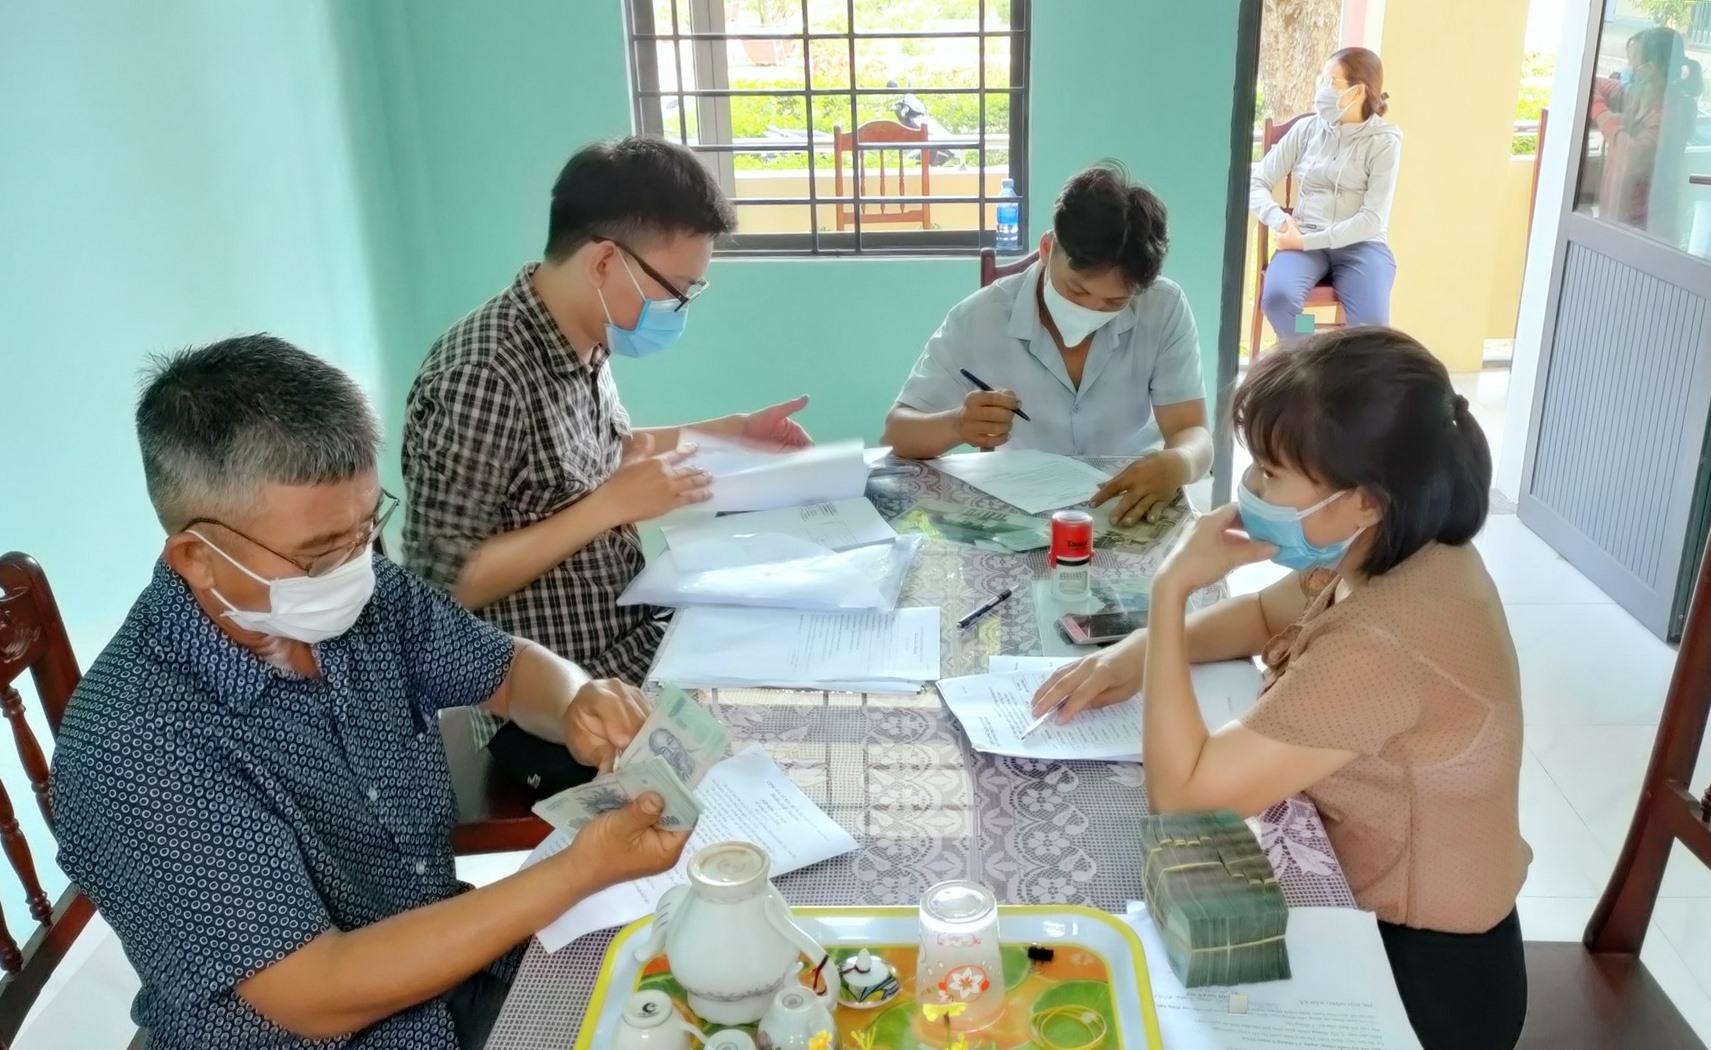 Giải ngân quỹ Hỗ trợ nông dân tỉnh cho 20 hộ vay tại 2 xã Điện Quang và Điện Trung nhằm chăn nuôi giống bò 3B. Ảnh: N.Trang